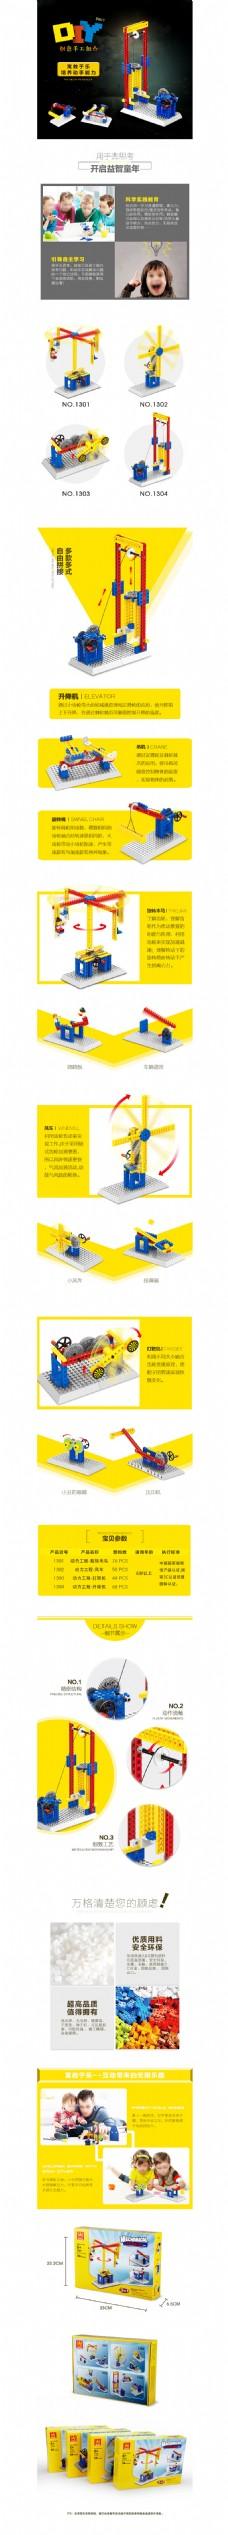 儿童玩具介绍淘宝积木详情页